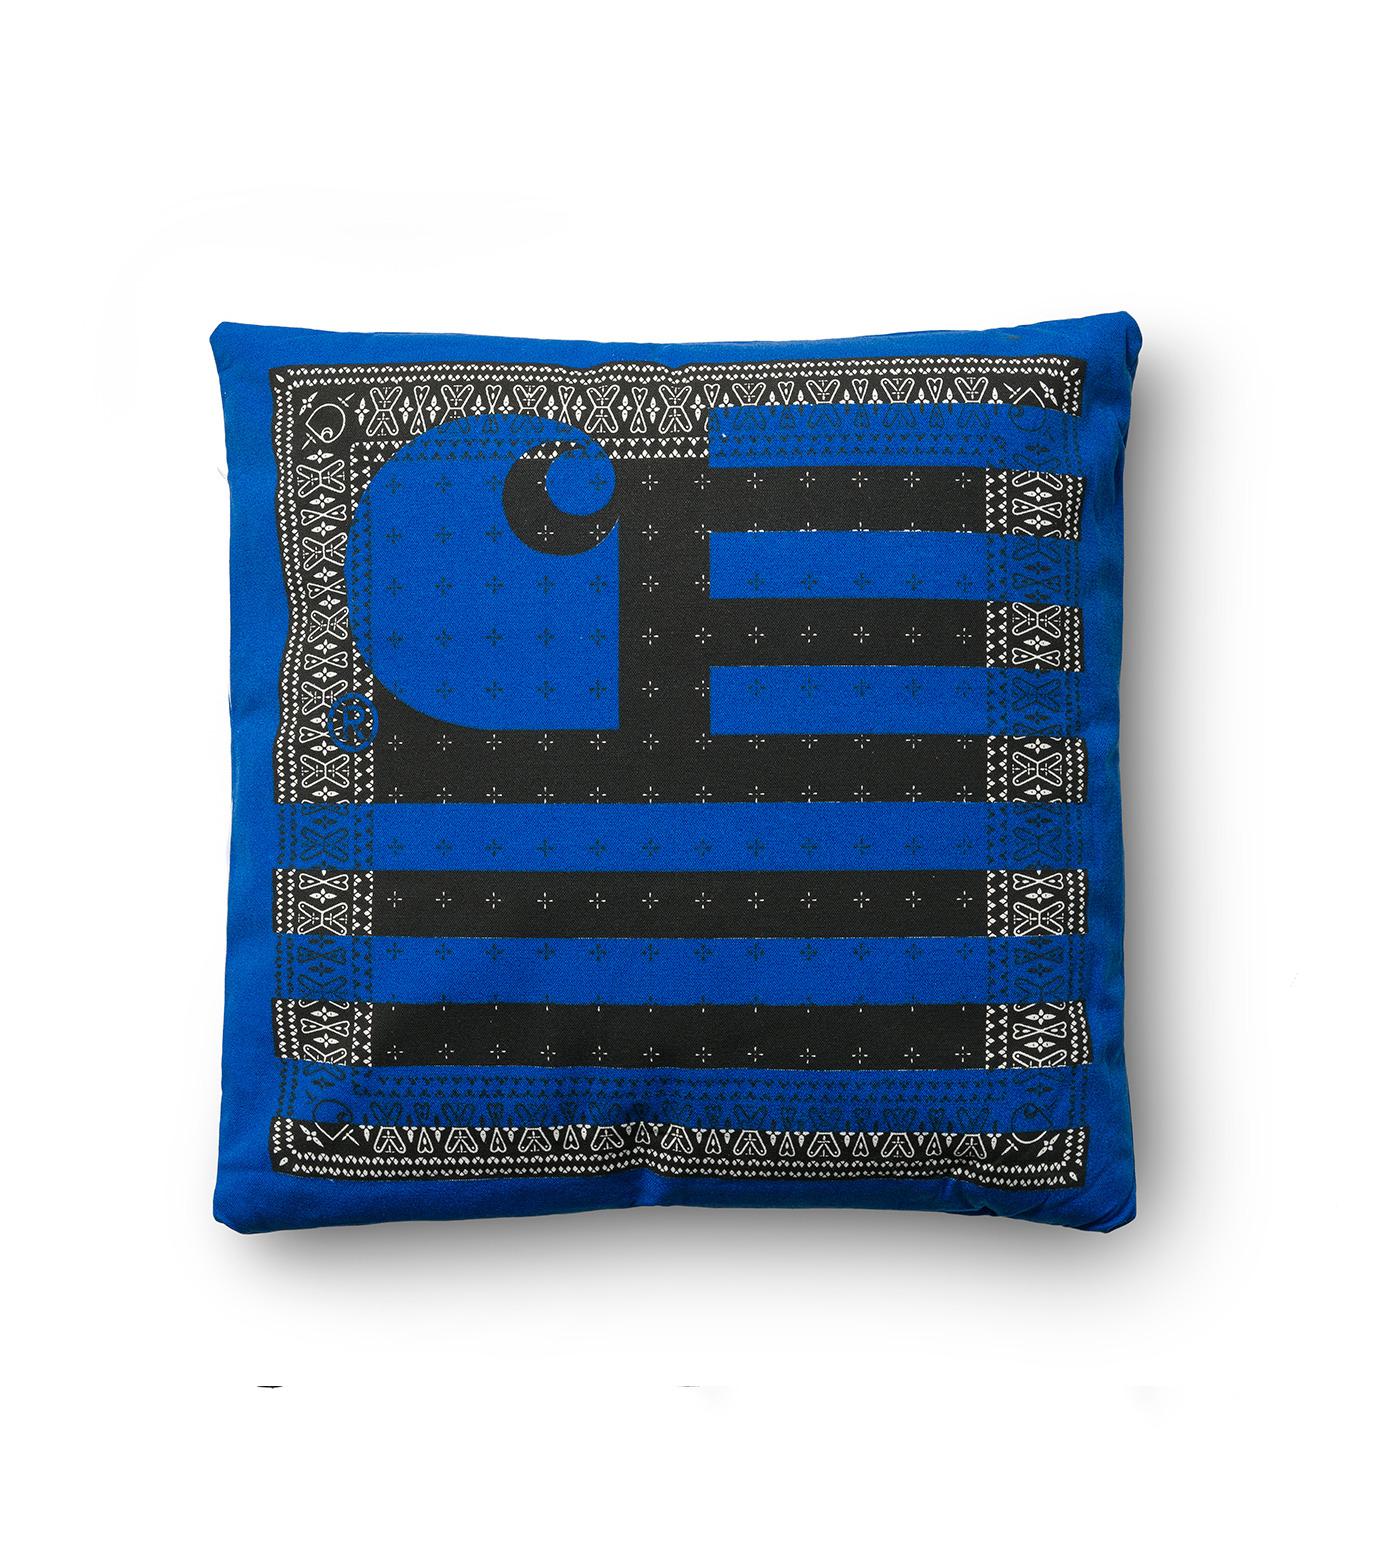 Carhartt(カーハート)のSTATE PILLOW-BLUE(インテリア/interior)-I020354-15F-92 拡大詳細画像1